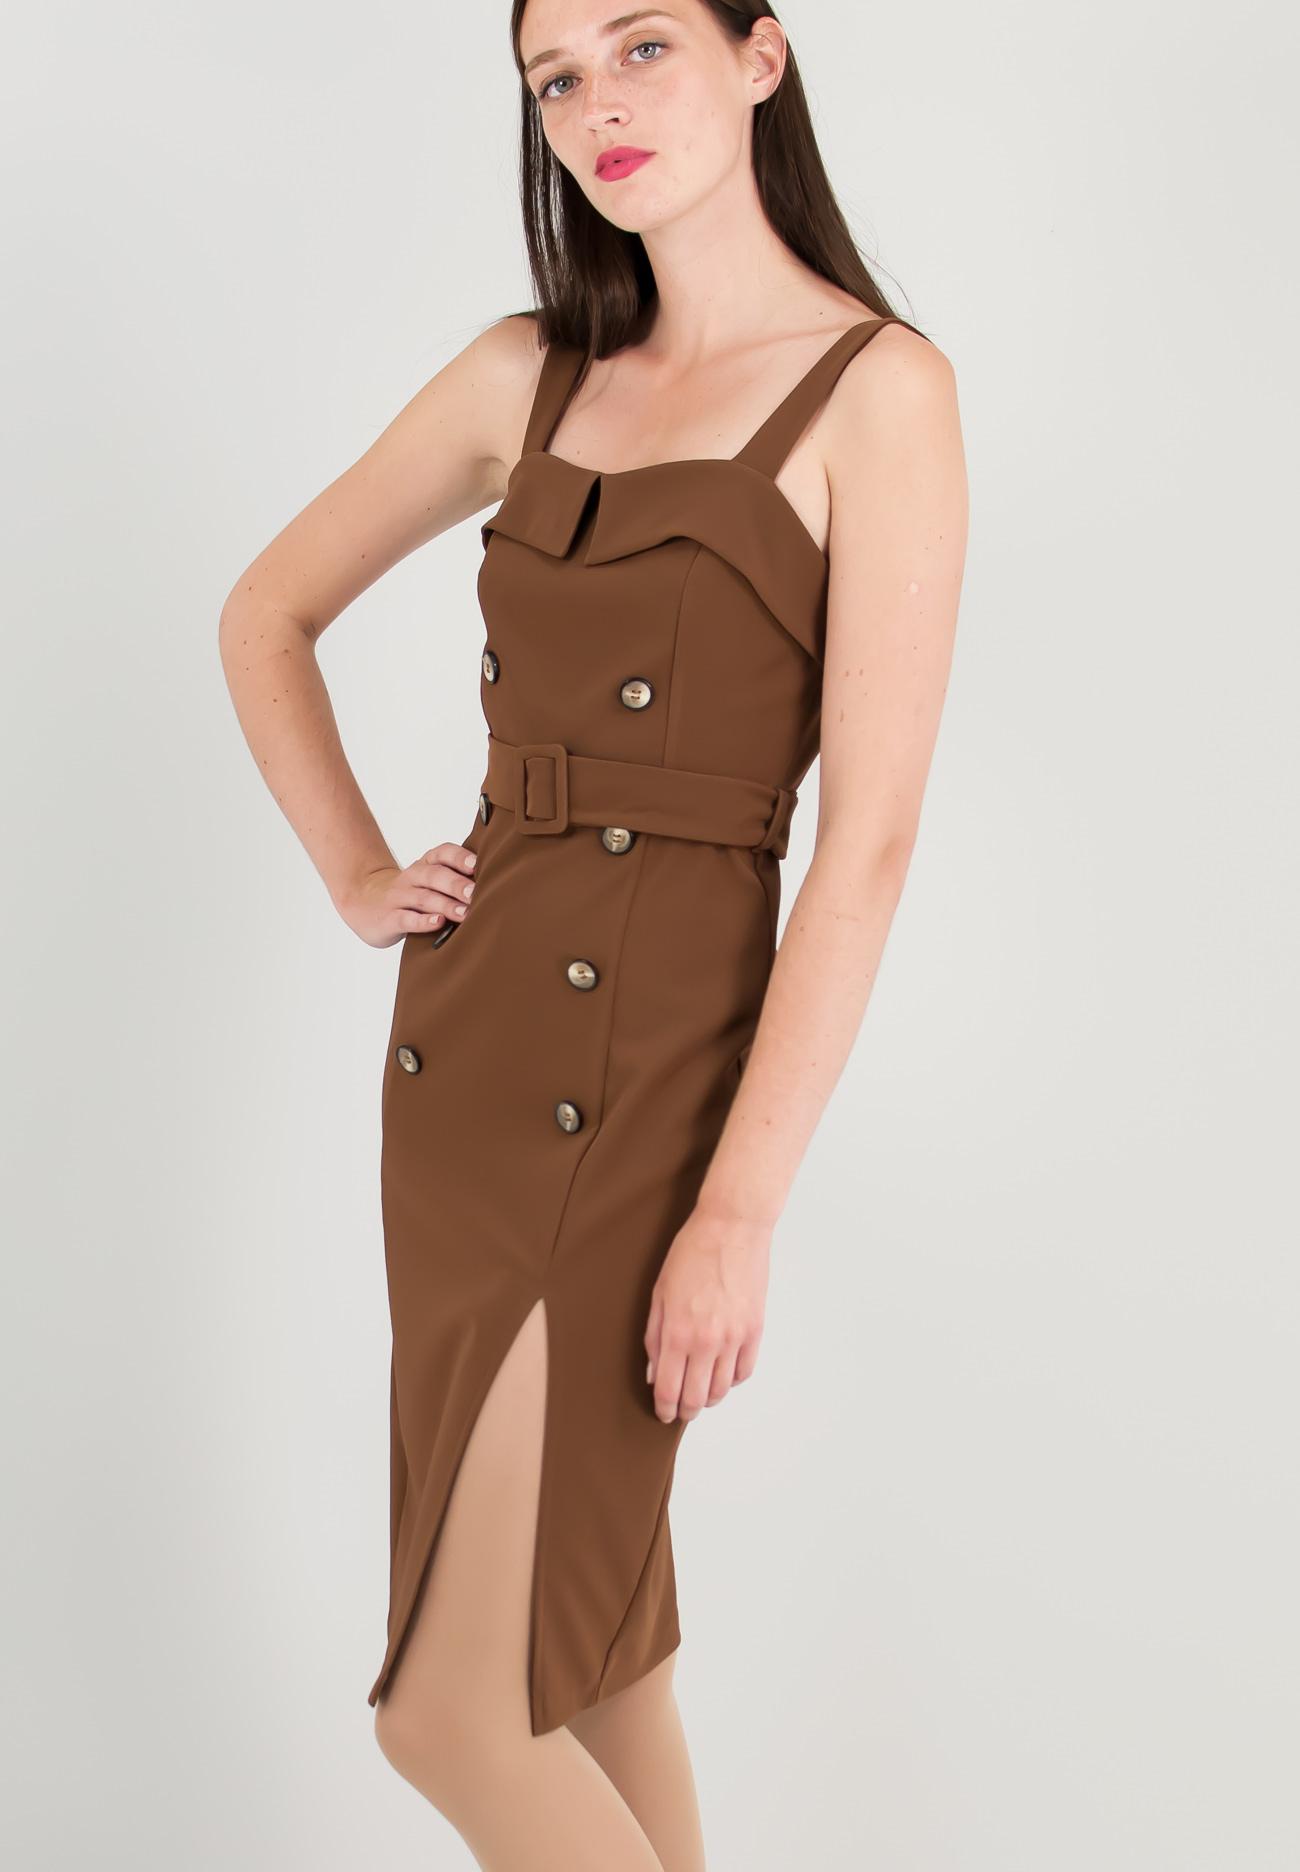 Μίνι φόρεμα με κουμπιά - ZIC ZAC 96bac279165